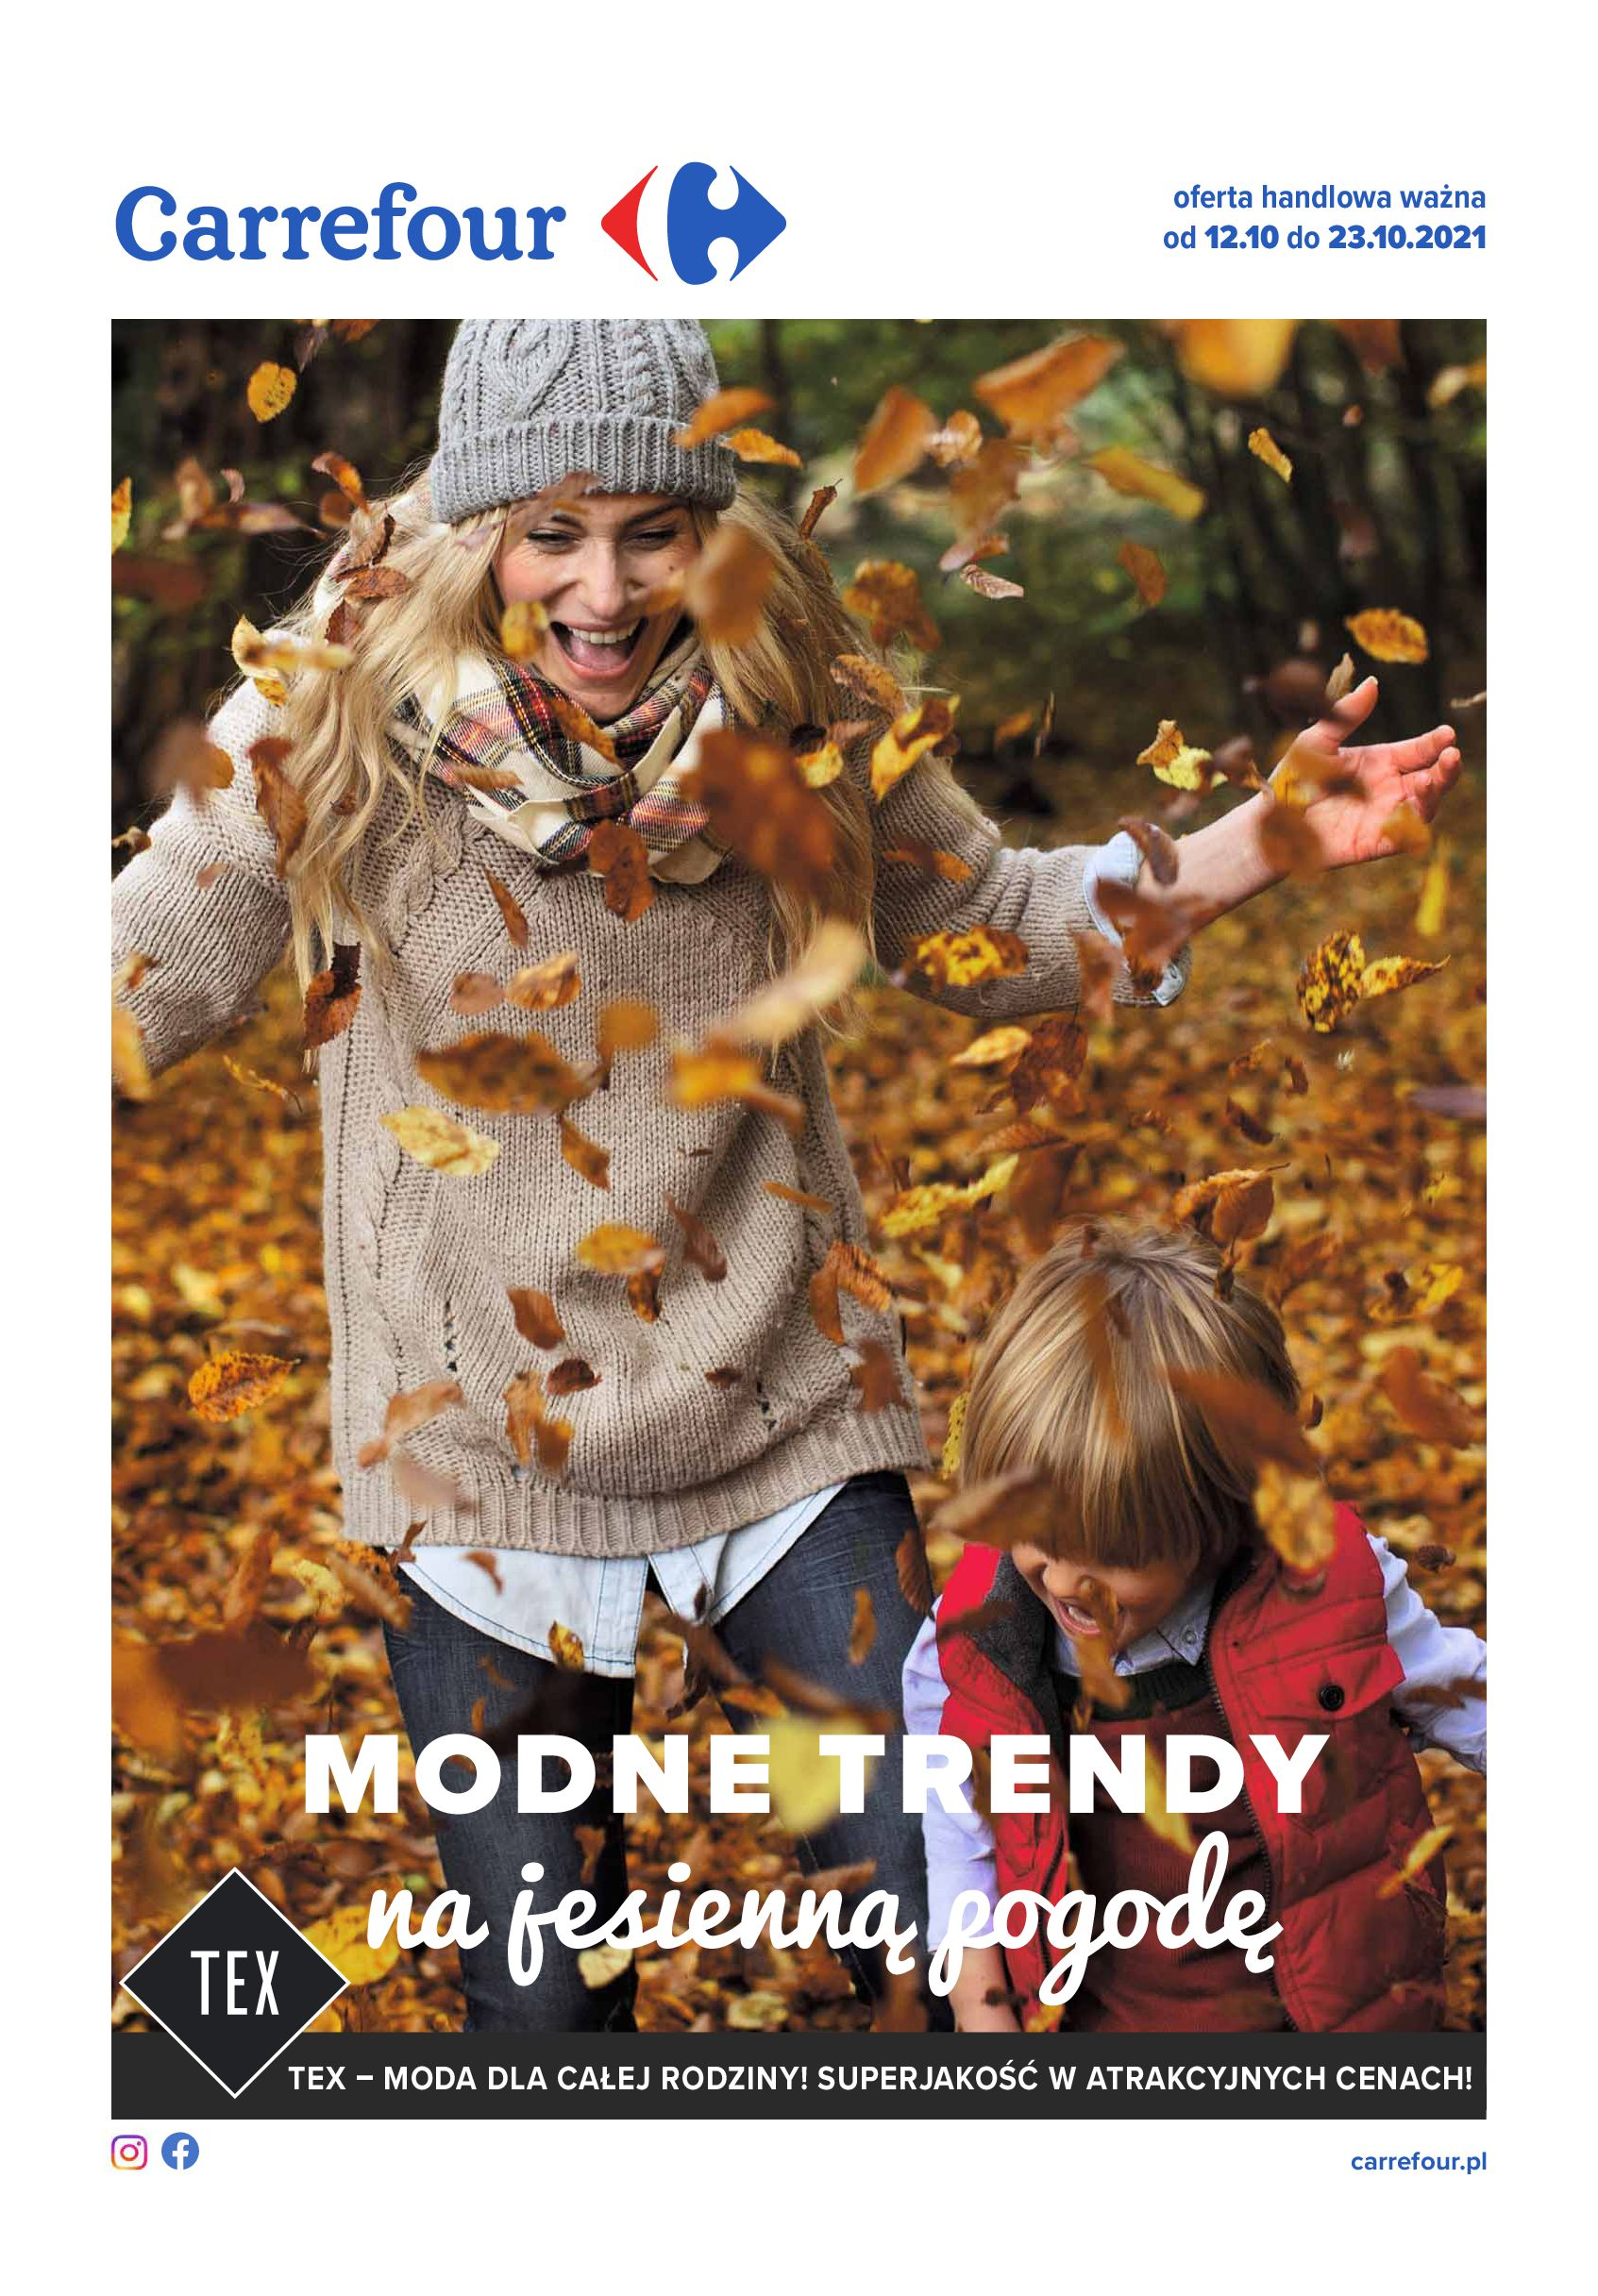 Carrefour:  Gazetka Carrefour - Modne trendy na jesienną pogodę 11.10.2021